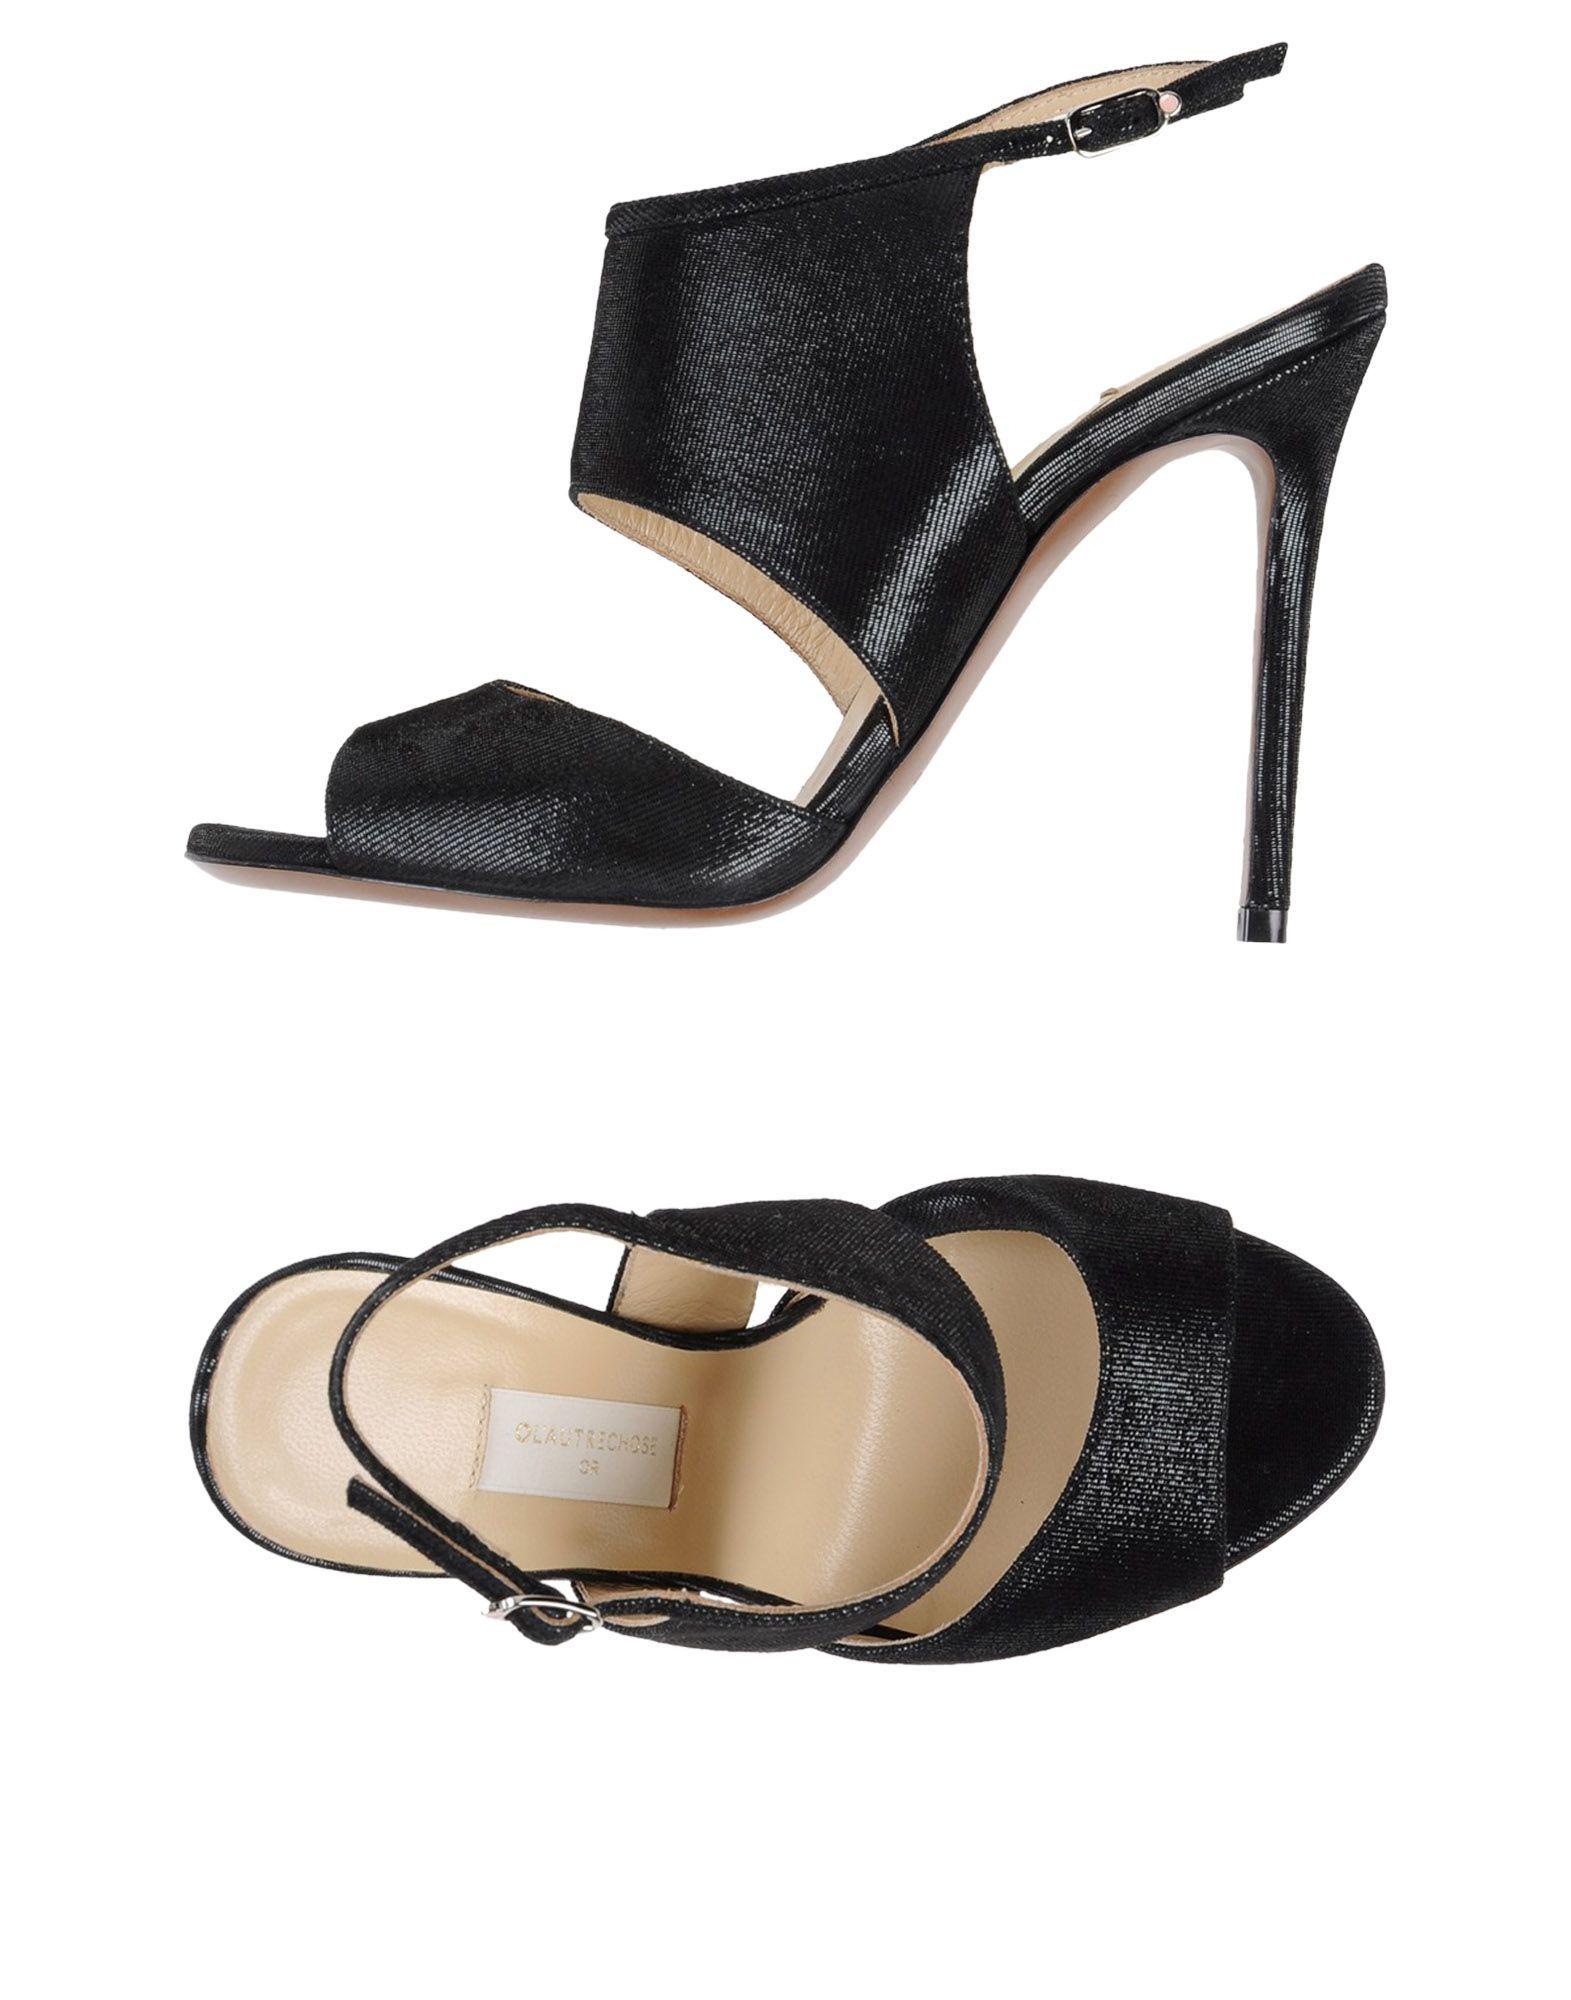 L' Autre Chose Black Leather Heels